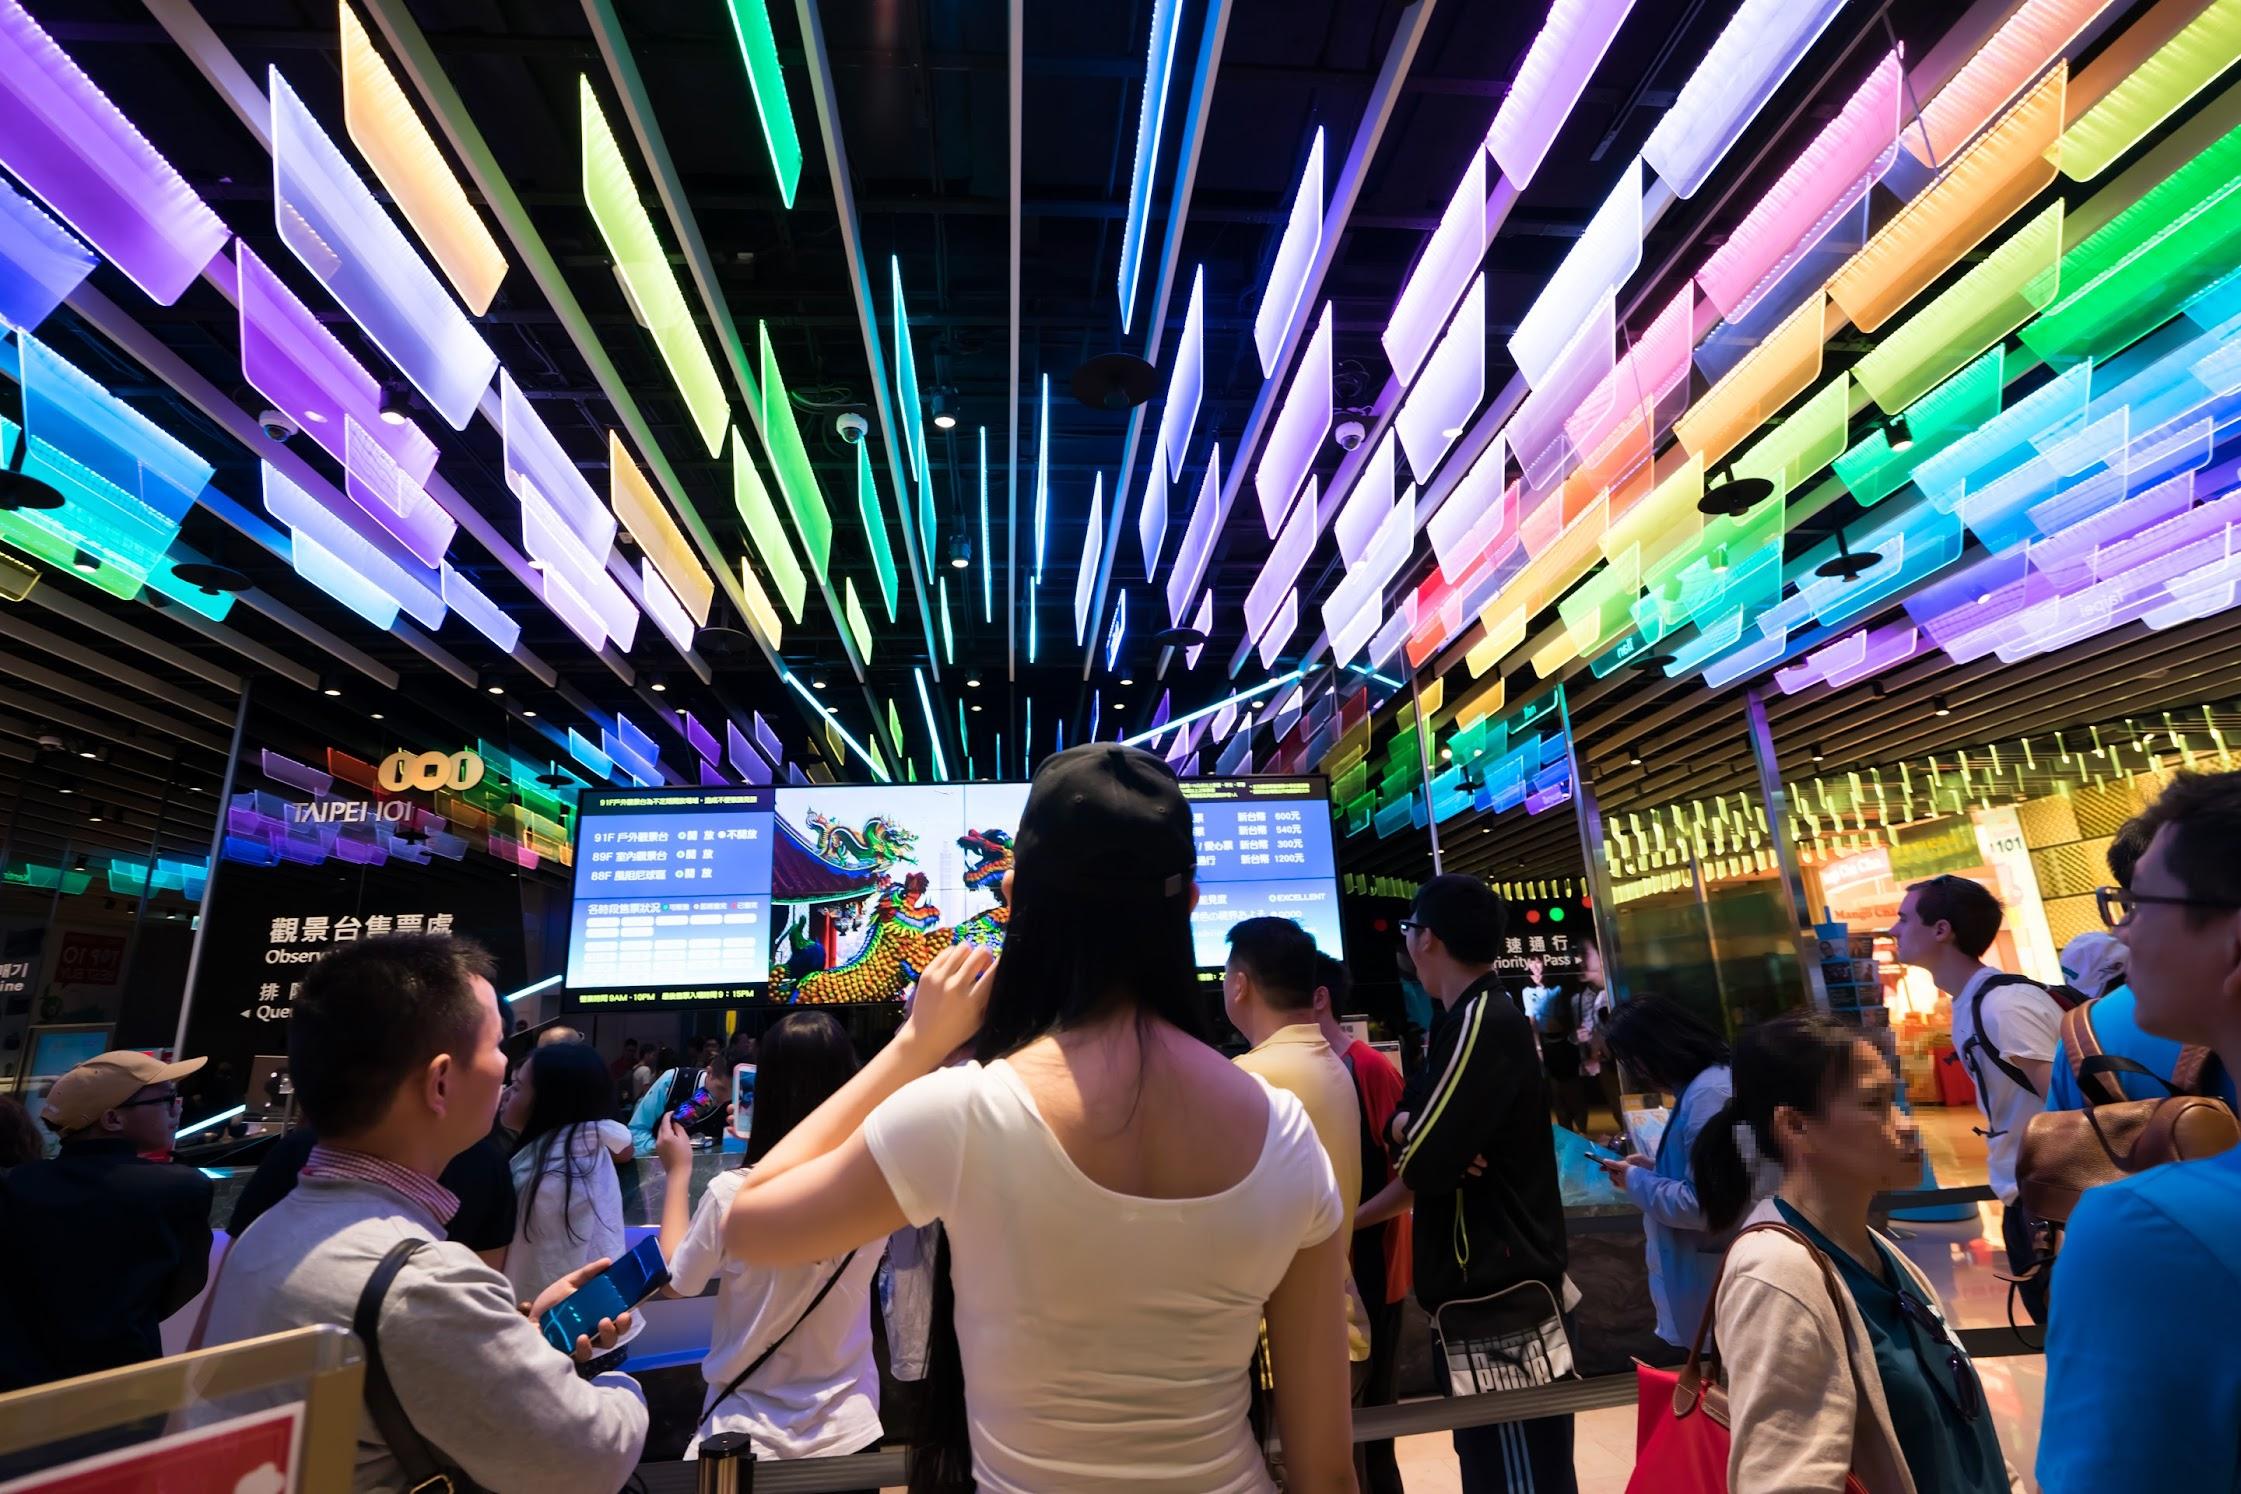 台北101 チケット売場1